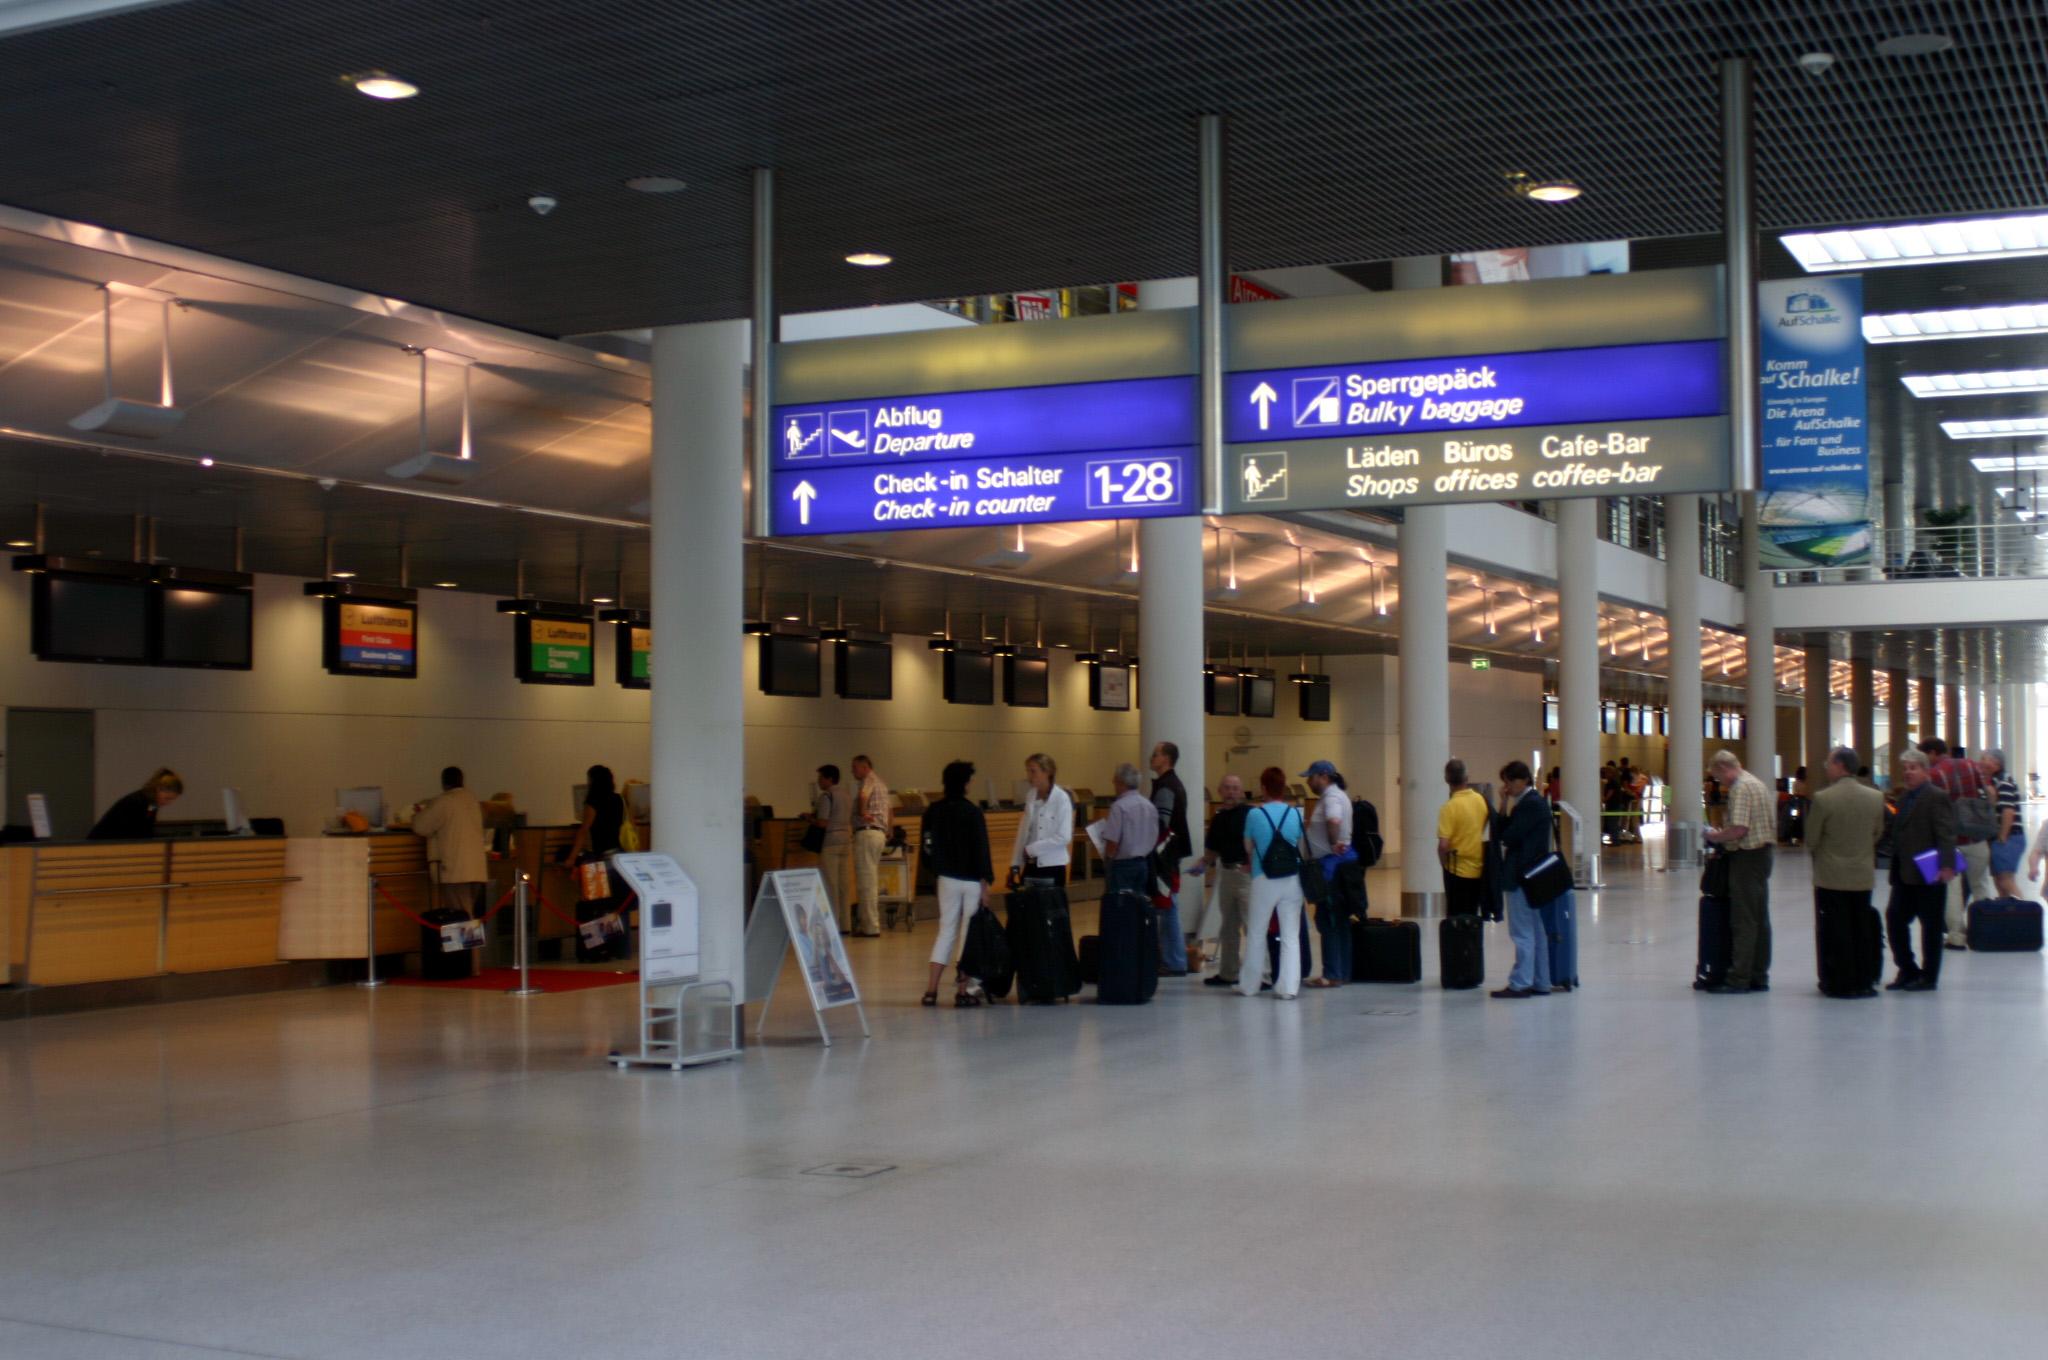 аэропорт Мюнстер